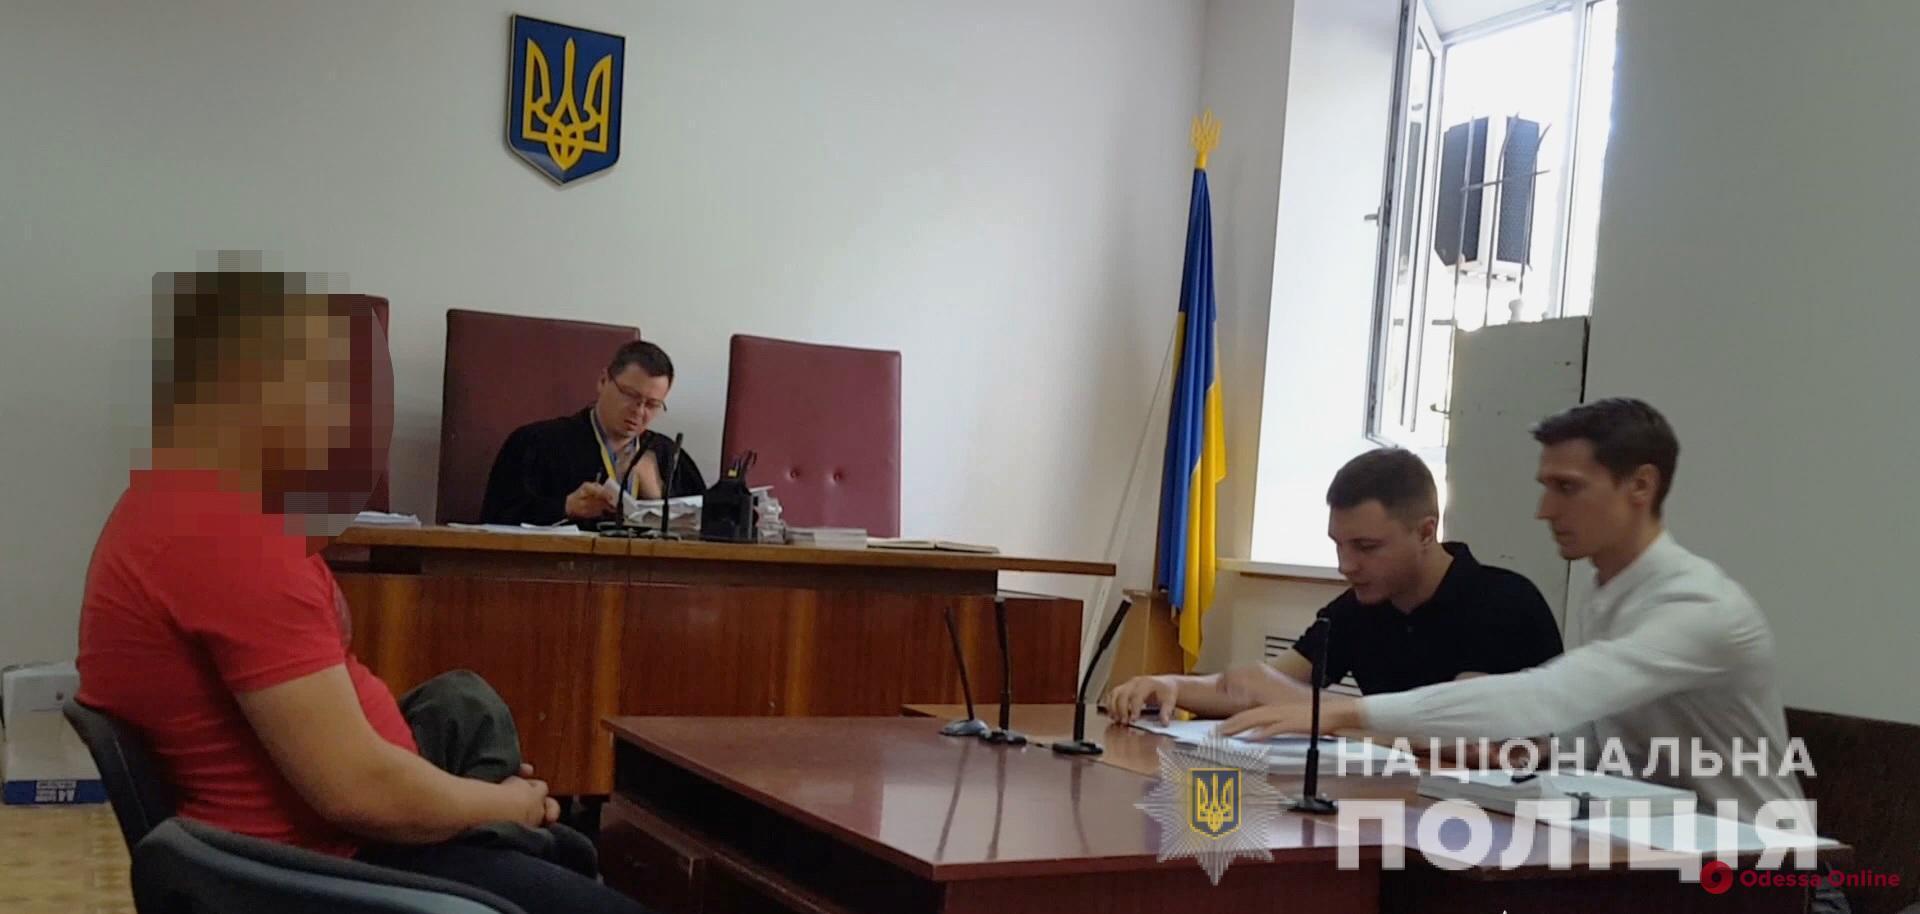 Угрожал пистолетом и забрал 50 тысяч: в Одессе задержали разбойника